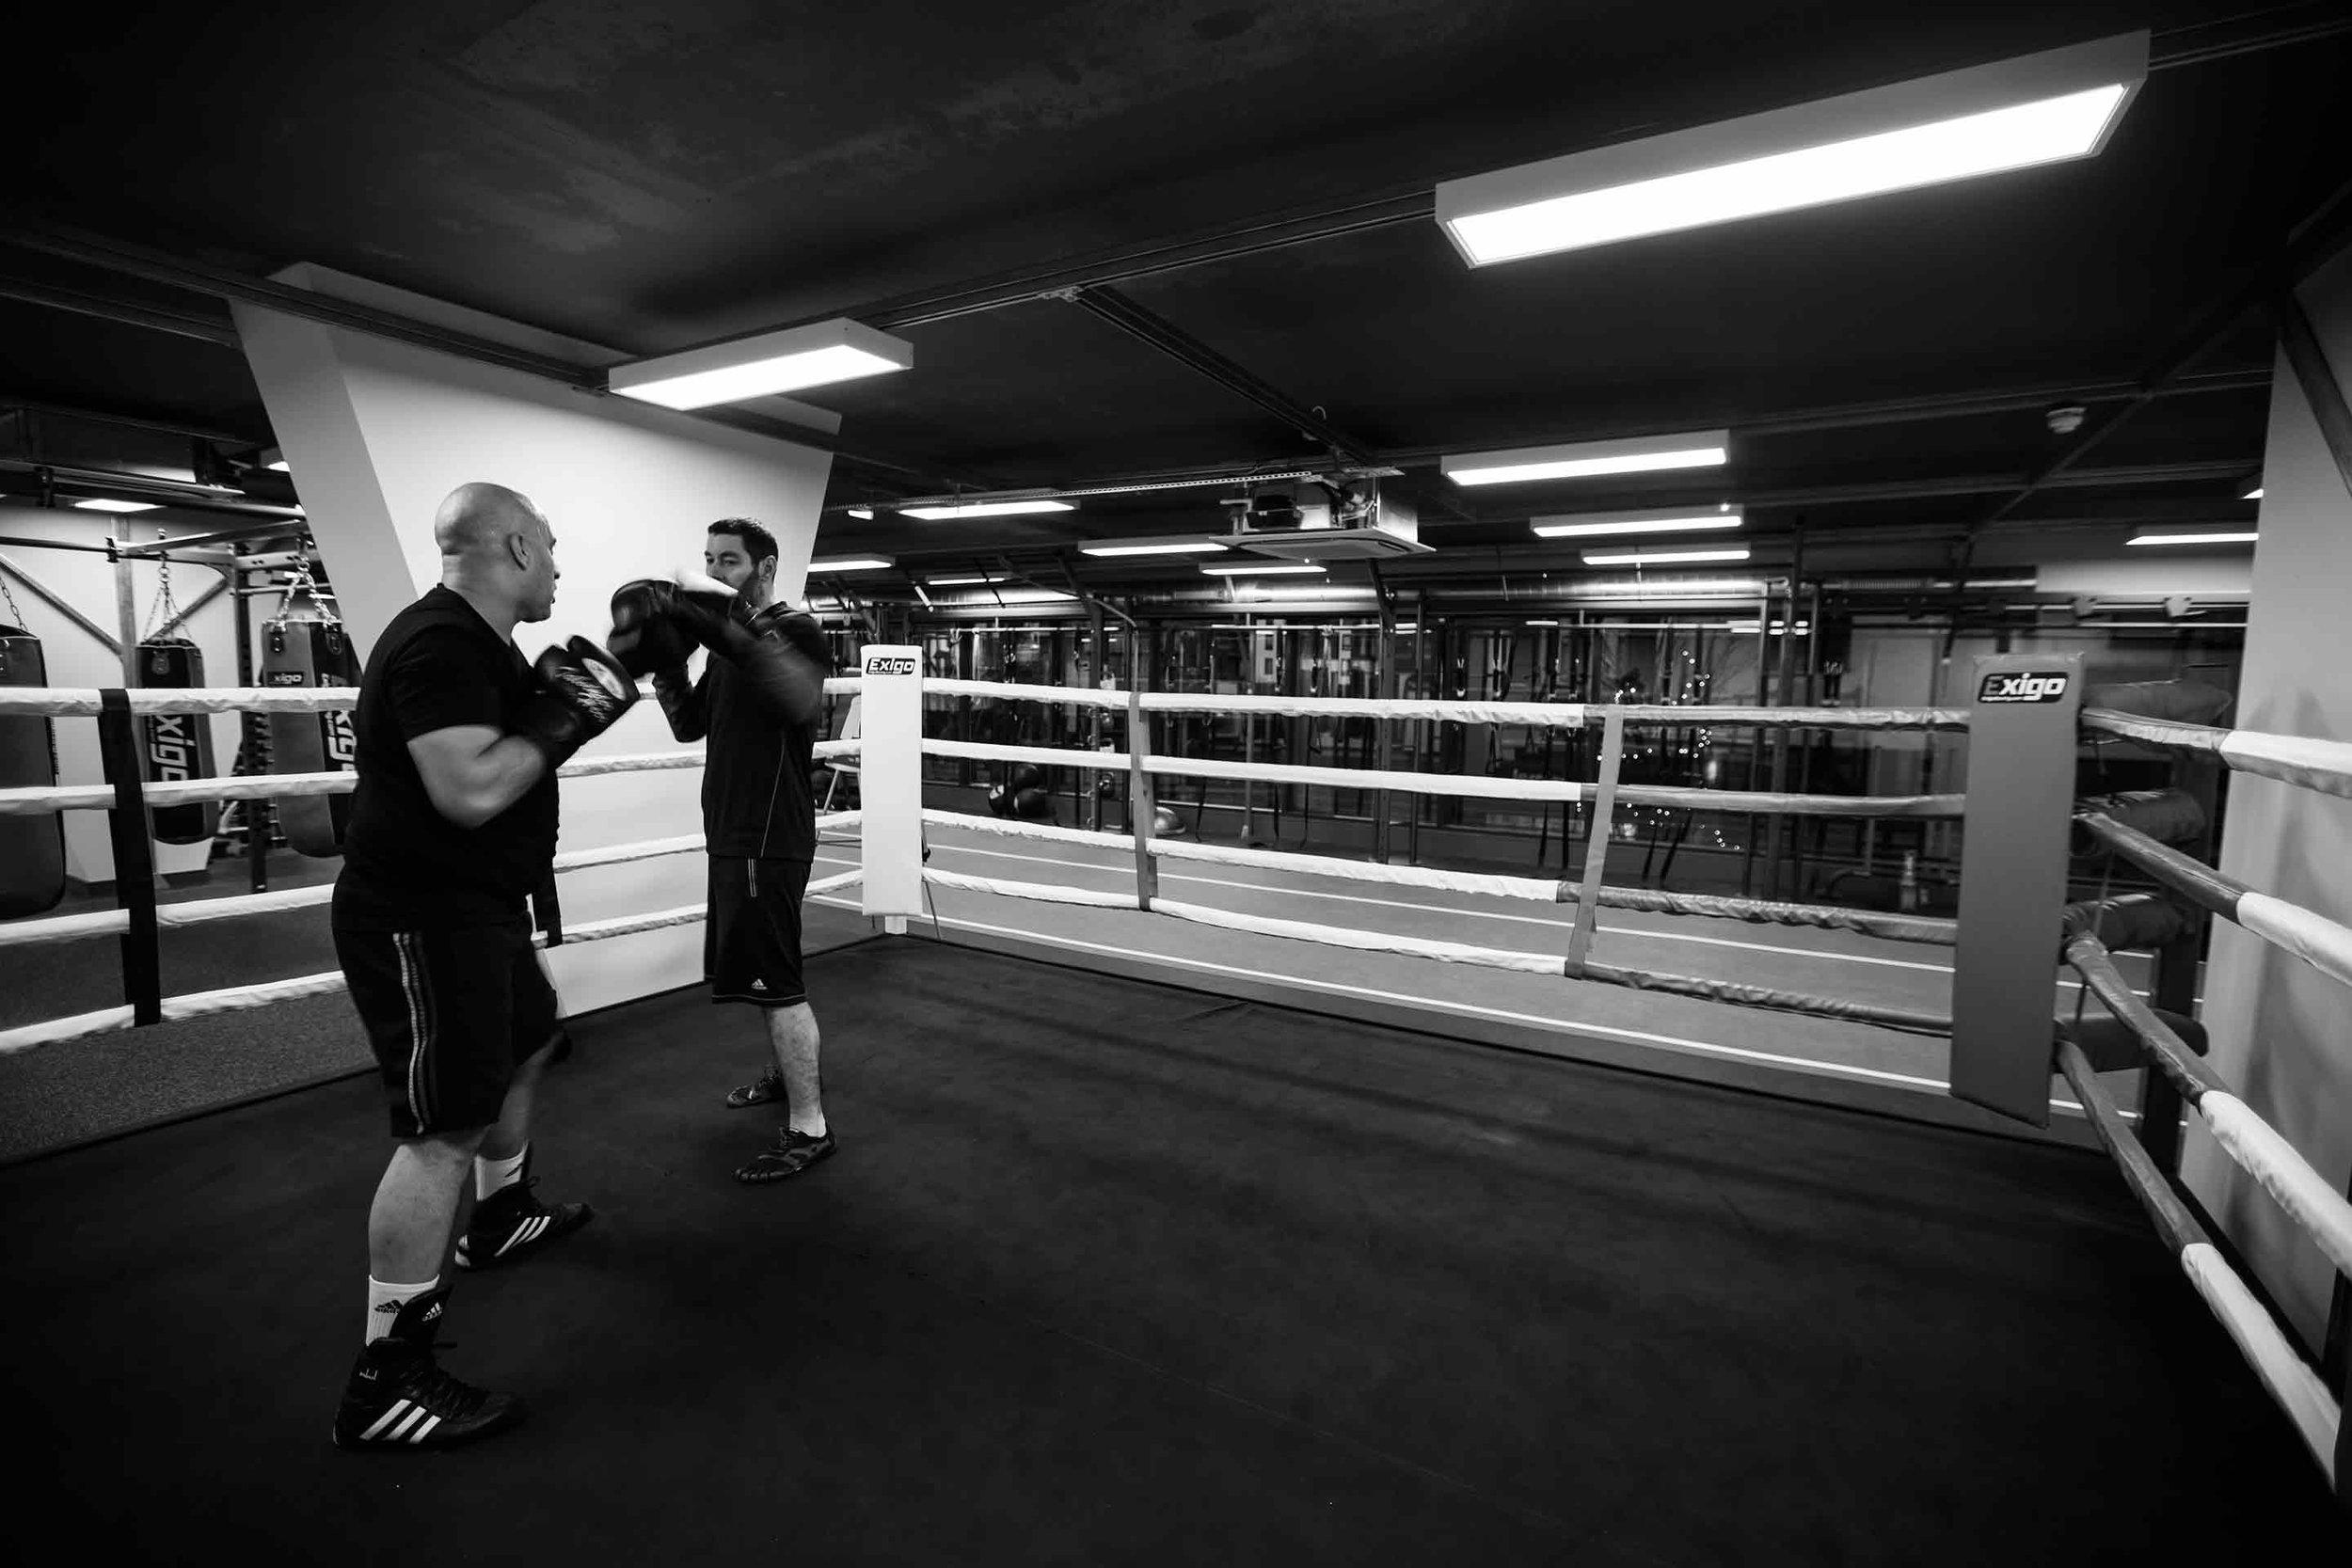 Primal-Gym-Leeds-8.jpg